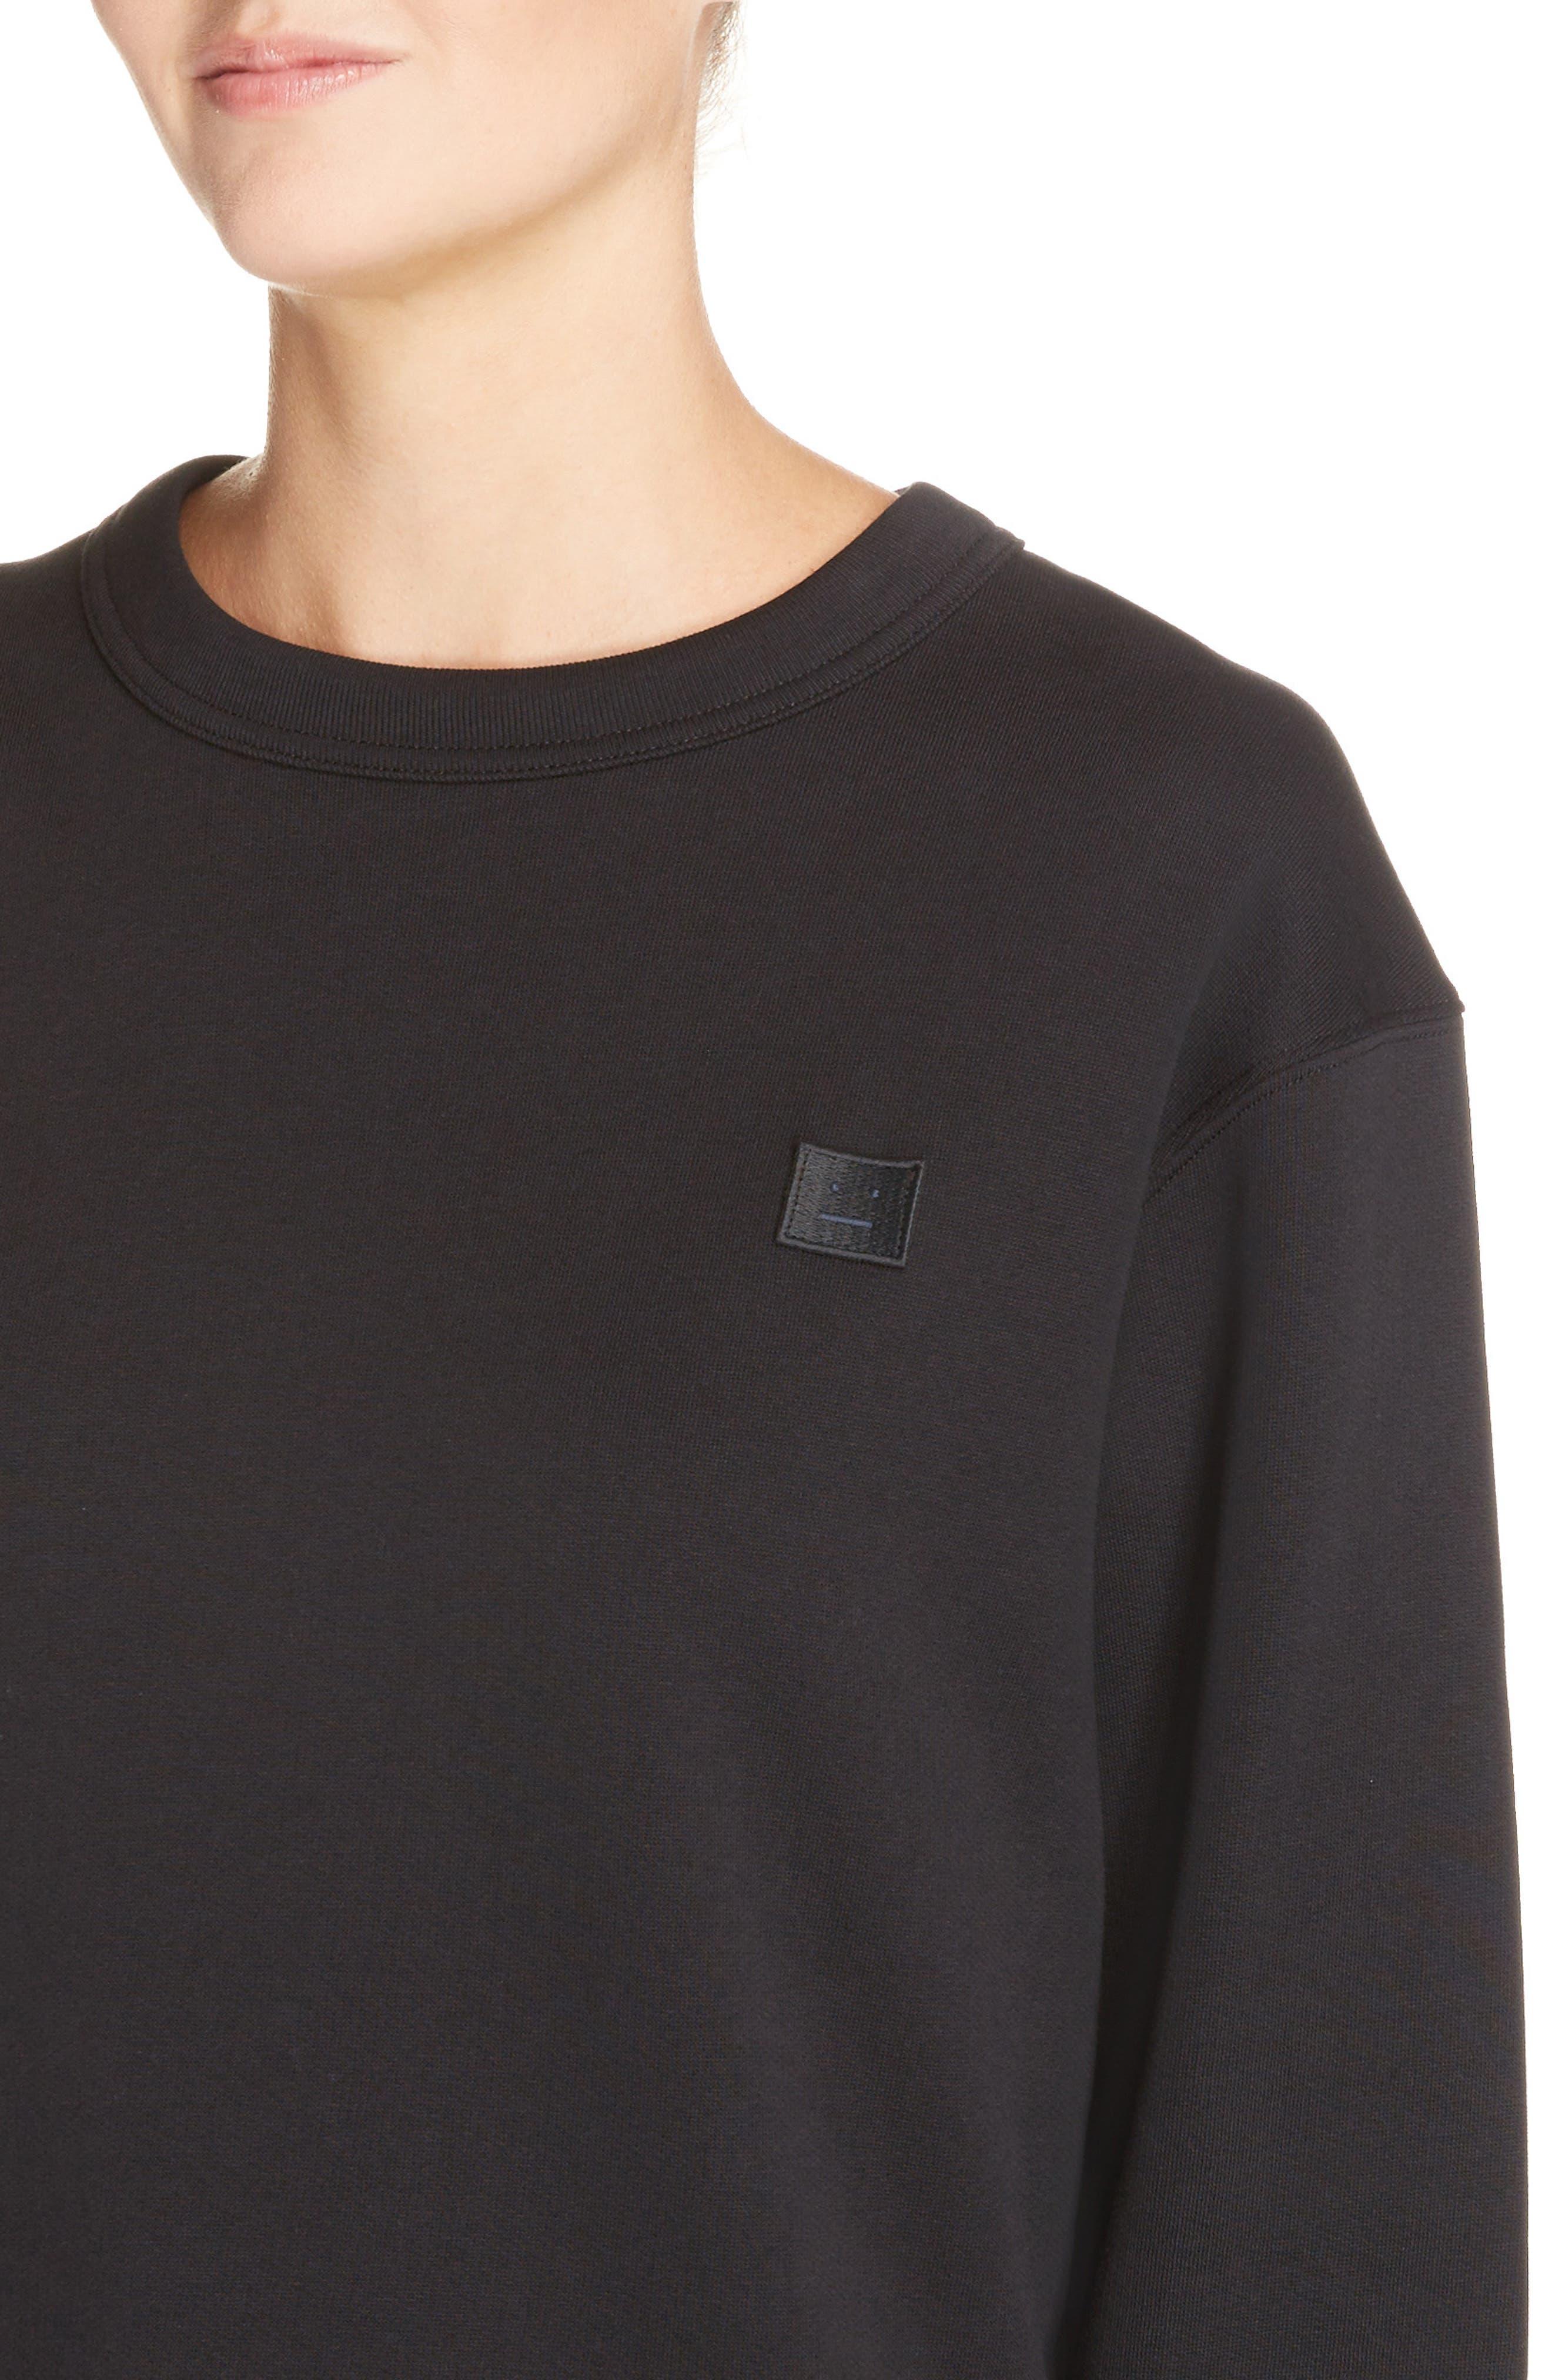 Fairview Crewneck Sweatshirt,                             Alternate thumbnail 4, color,                             001